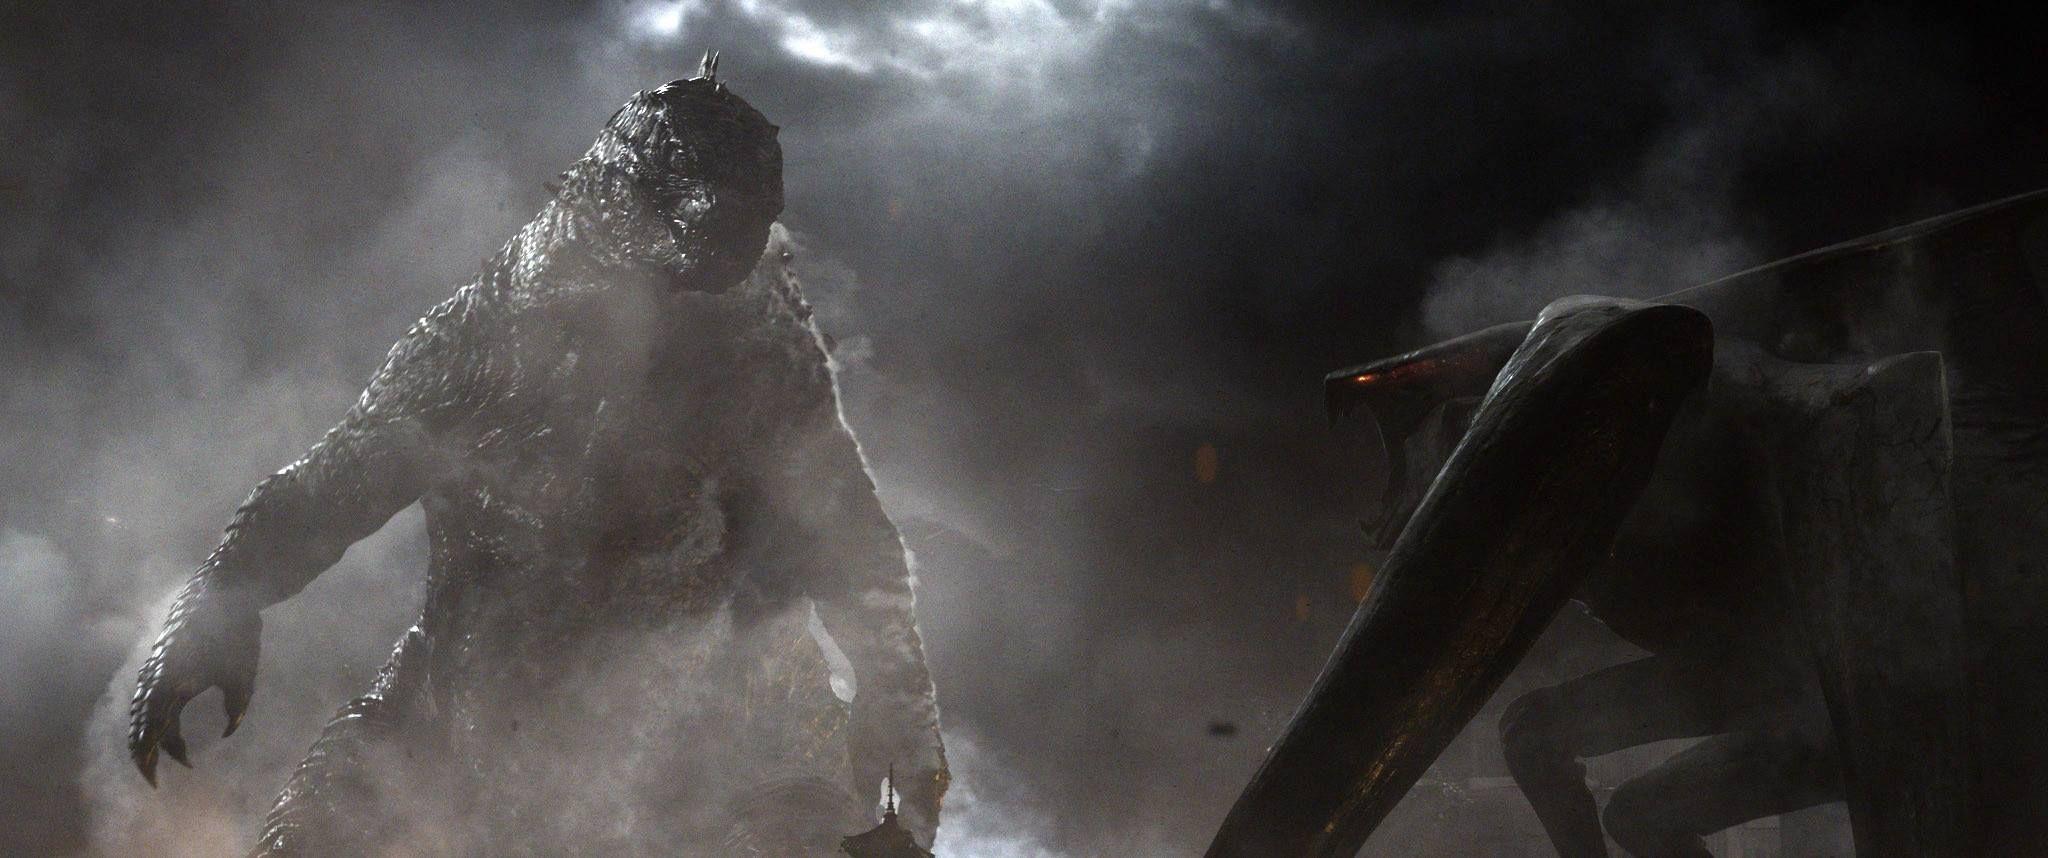 Godzilla vs. Muto | Deviantart.com, Deception